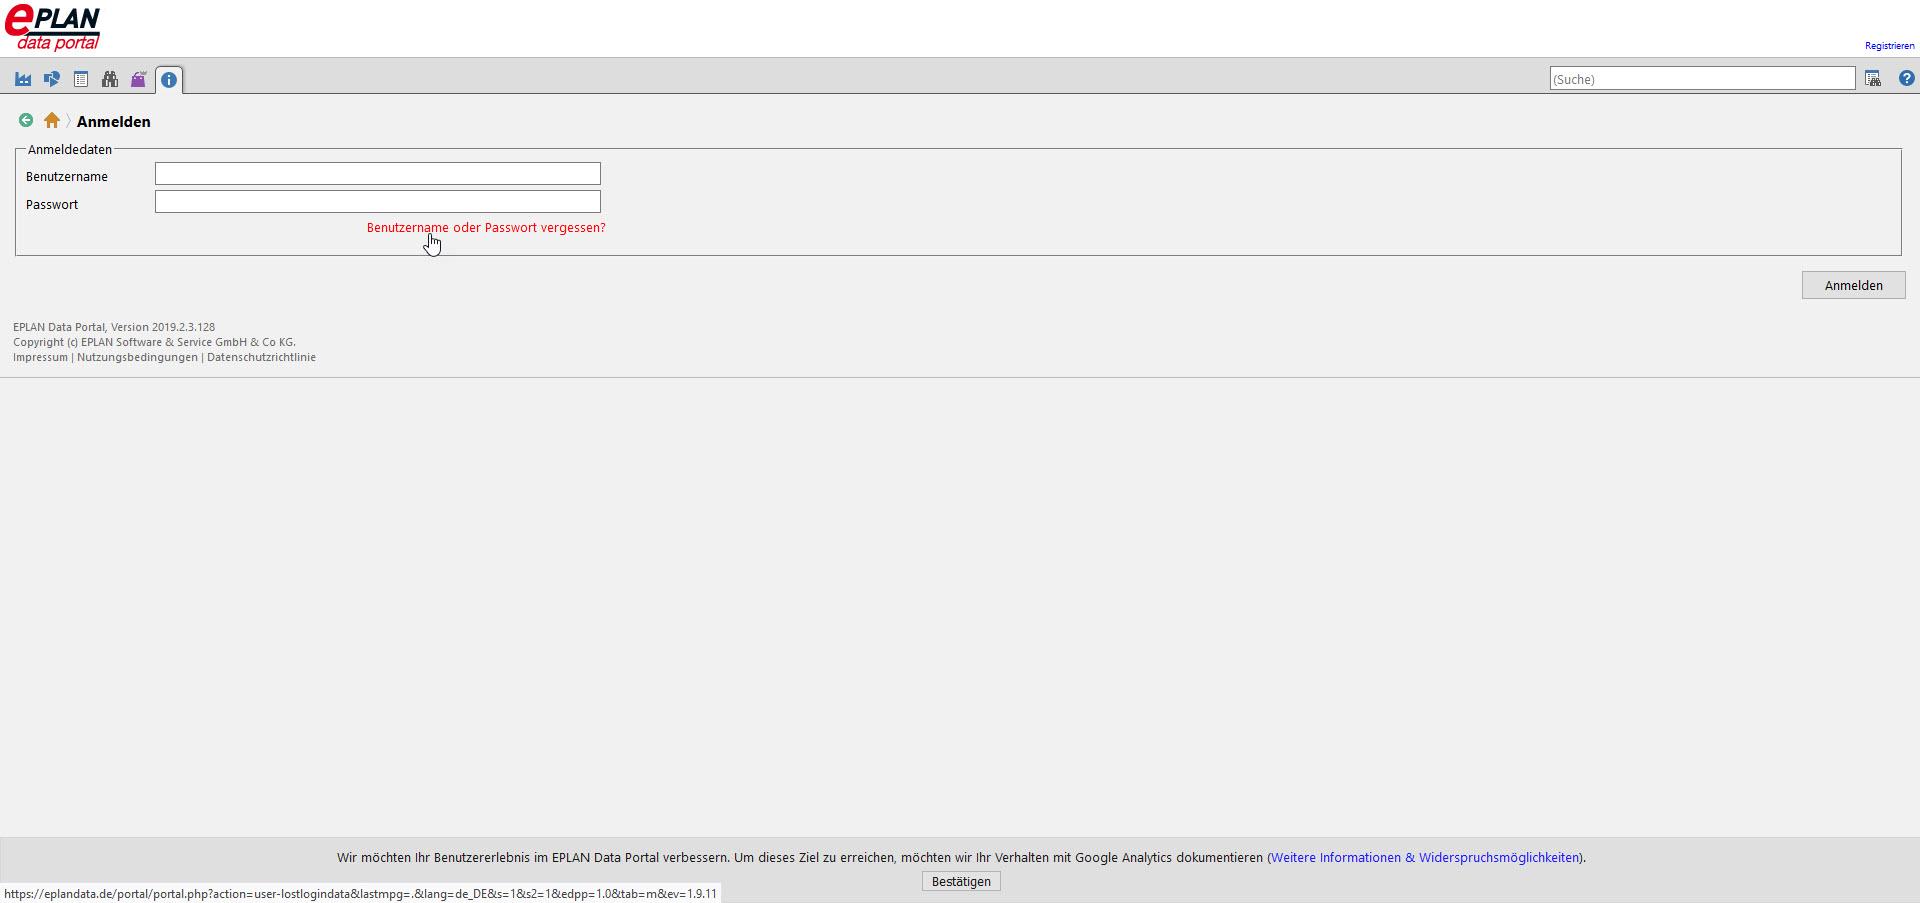 Eplan Data Portal Passwort vergessen